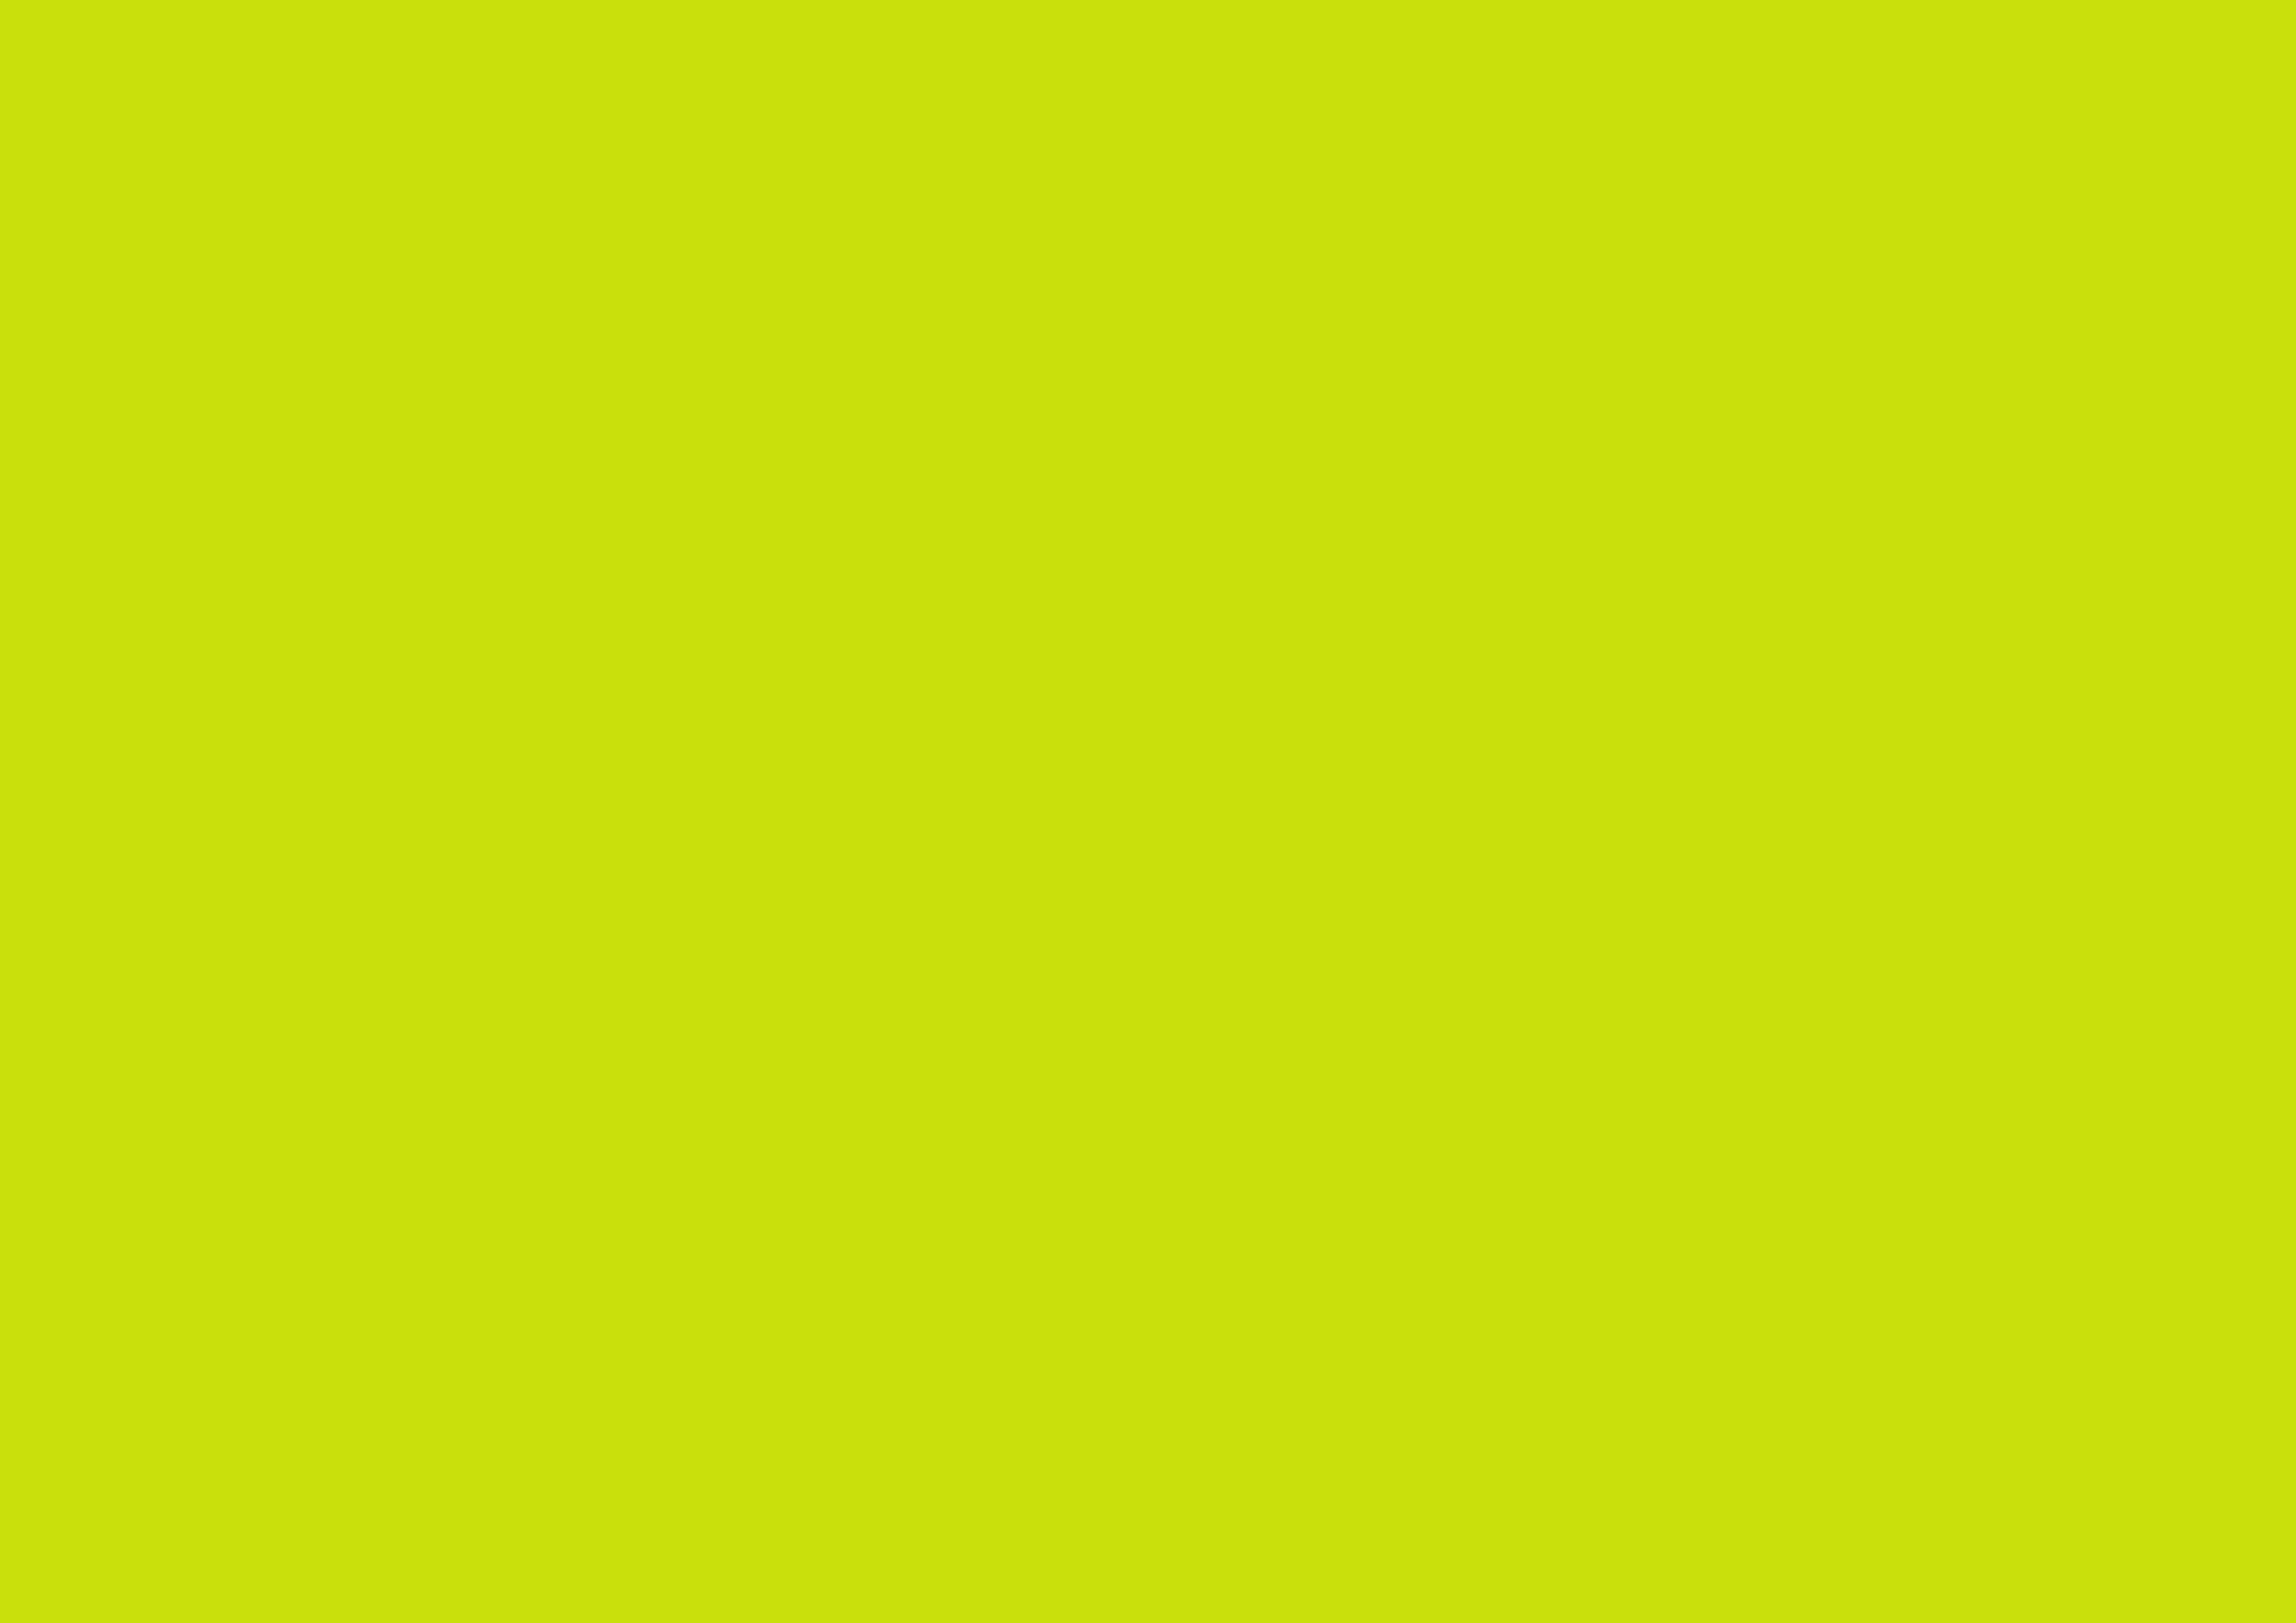 3508x2480 Bitter Lemon Solid Color Background